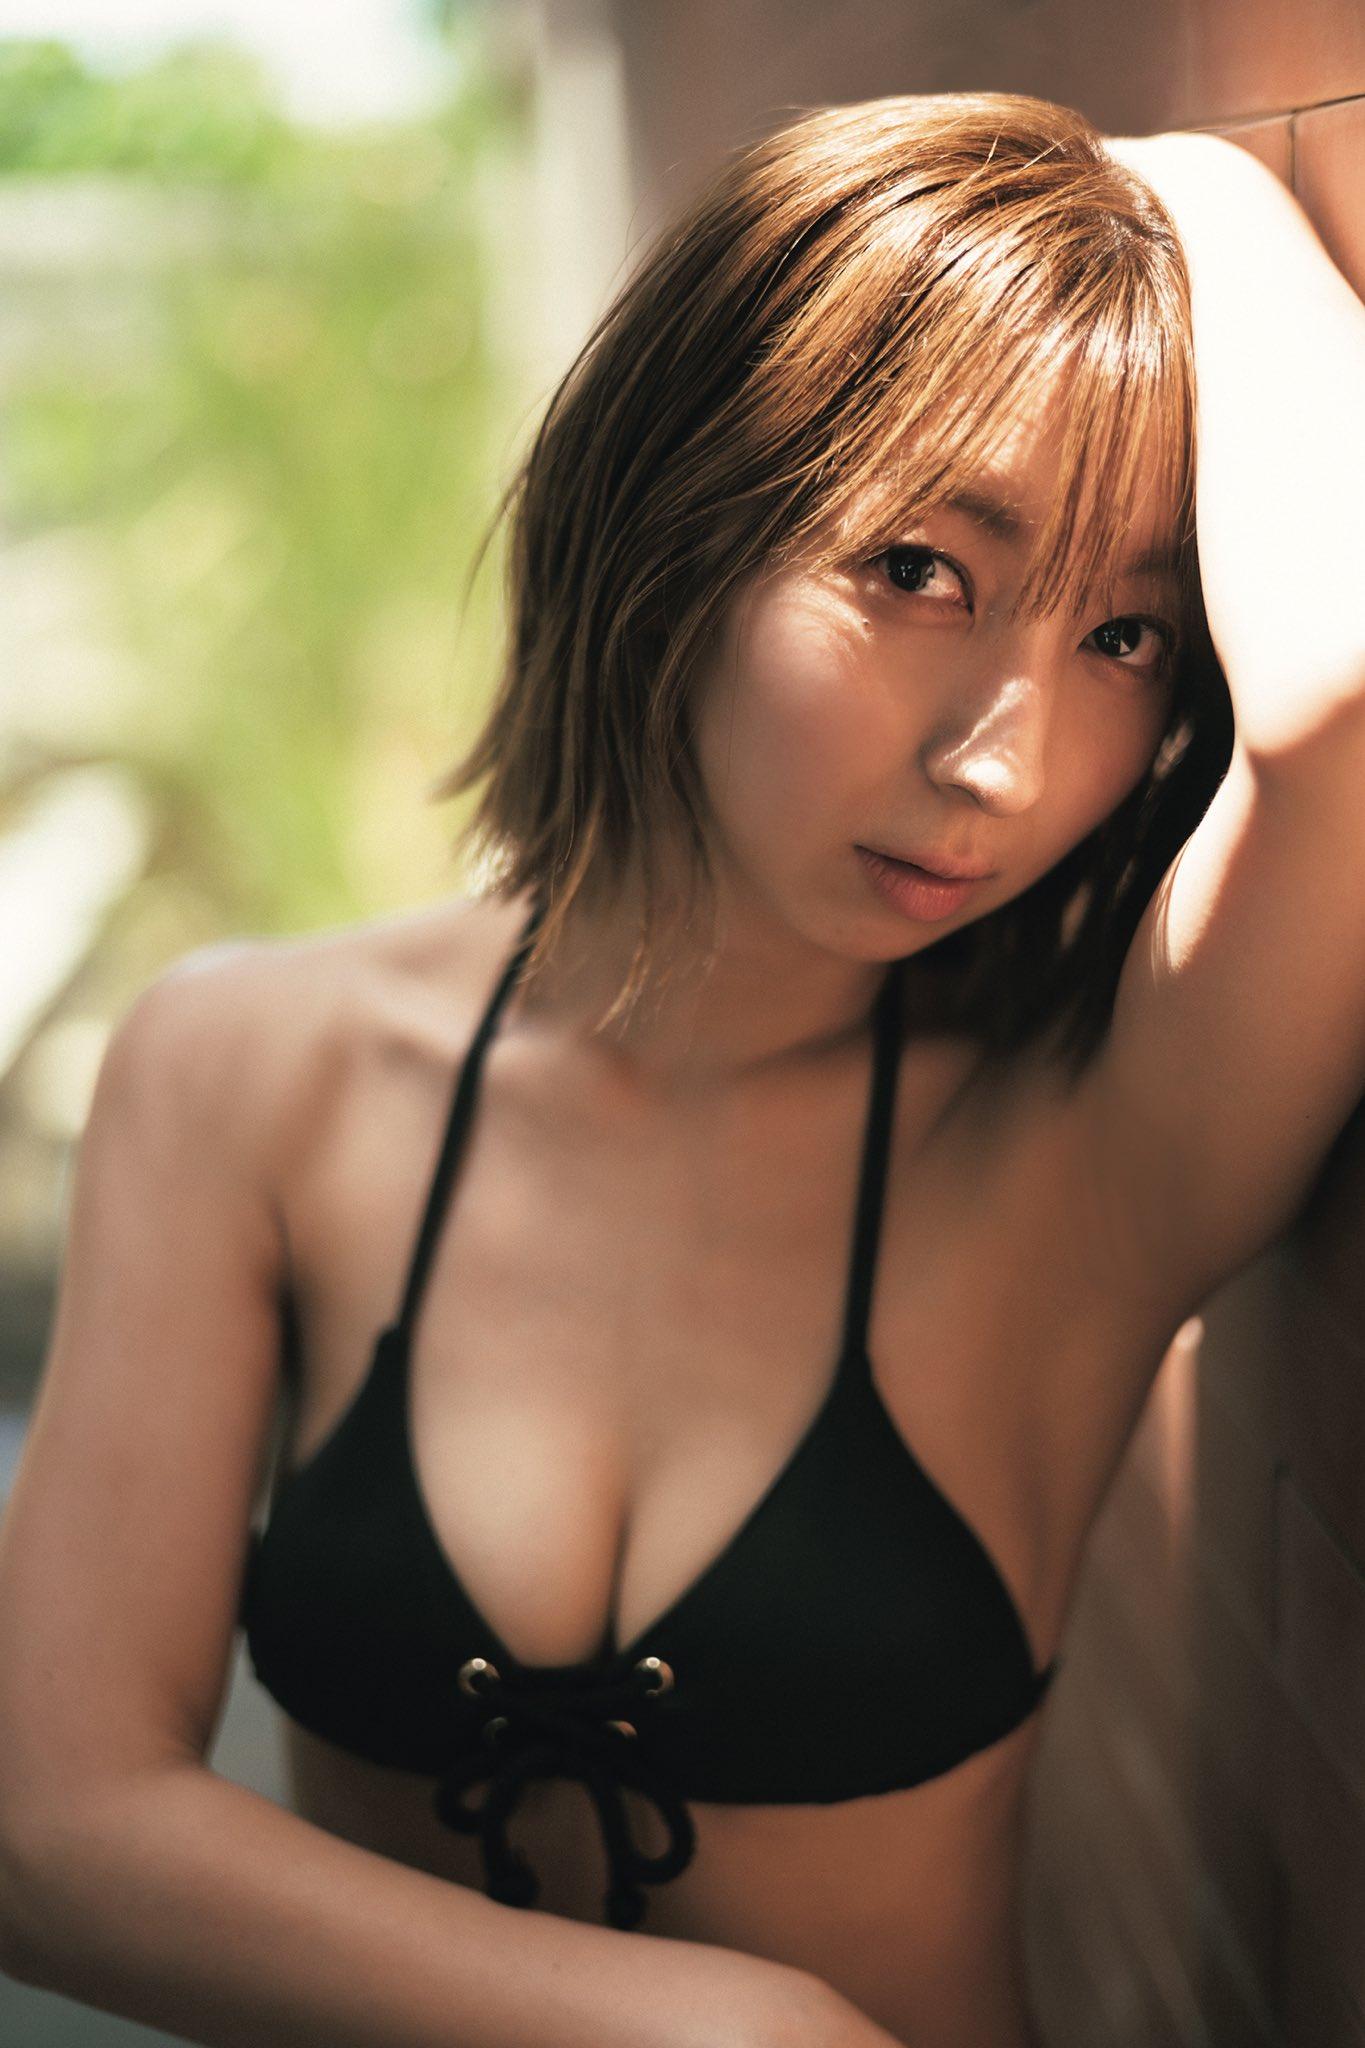 饭田里穗 20周年 写真集 越南